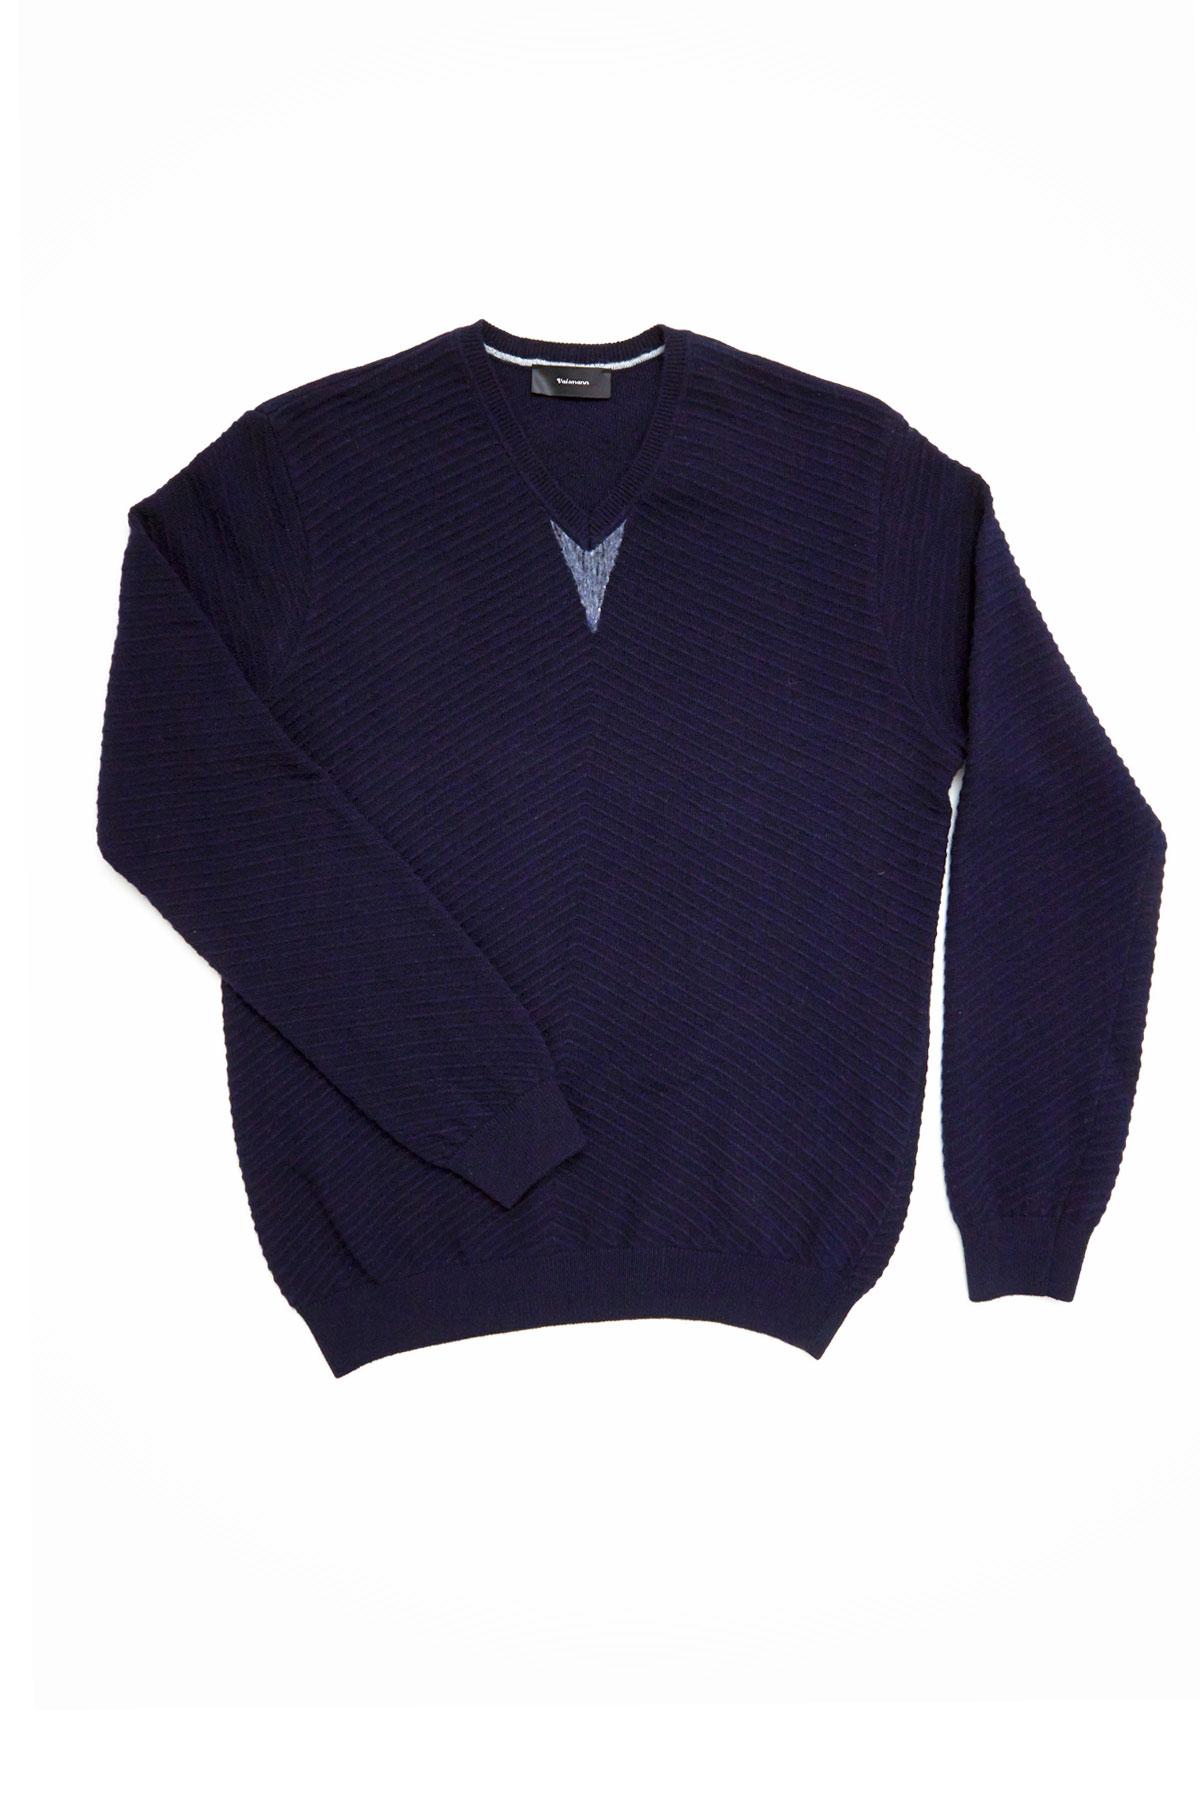 Свитер темно-синего цвета Vaismann VM-18-1823-19